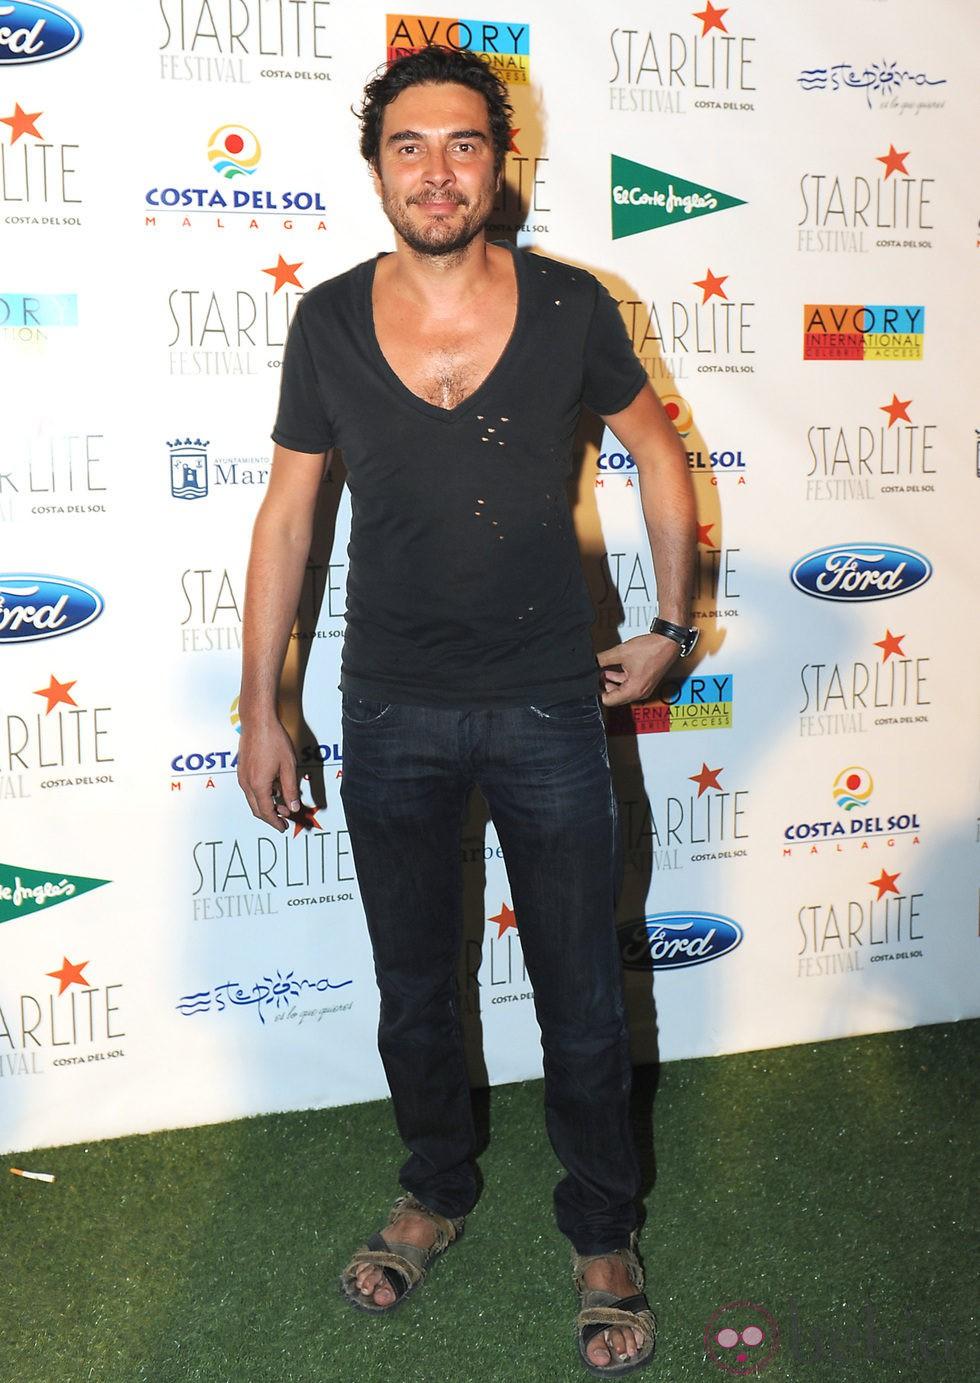 José Manuel seda en el Festival Starlite de Marbella 2012